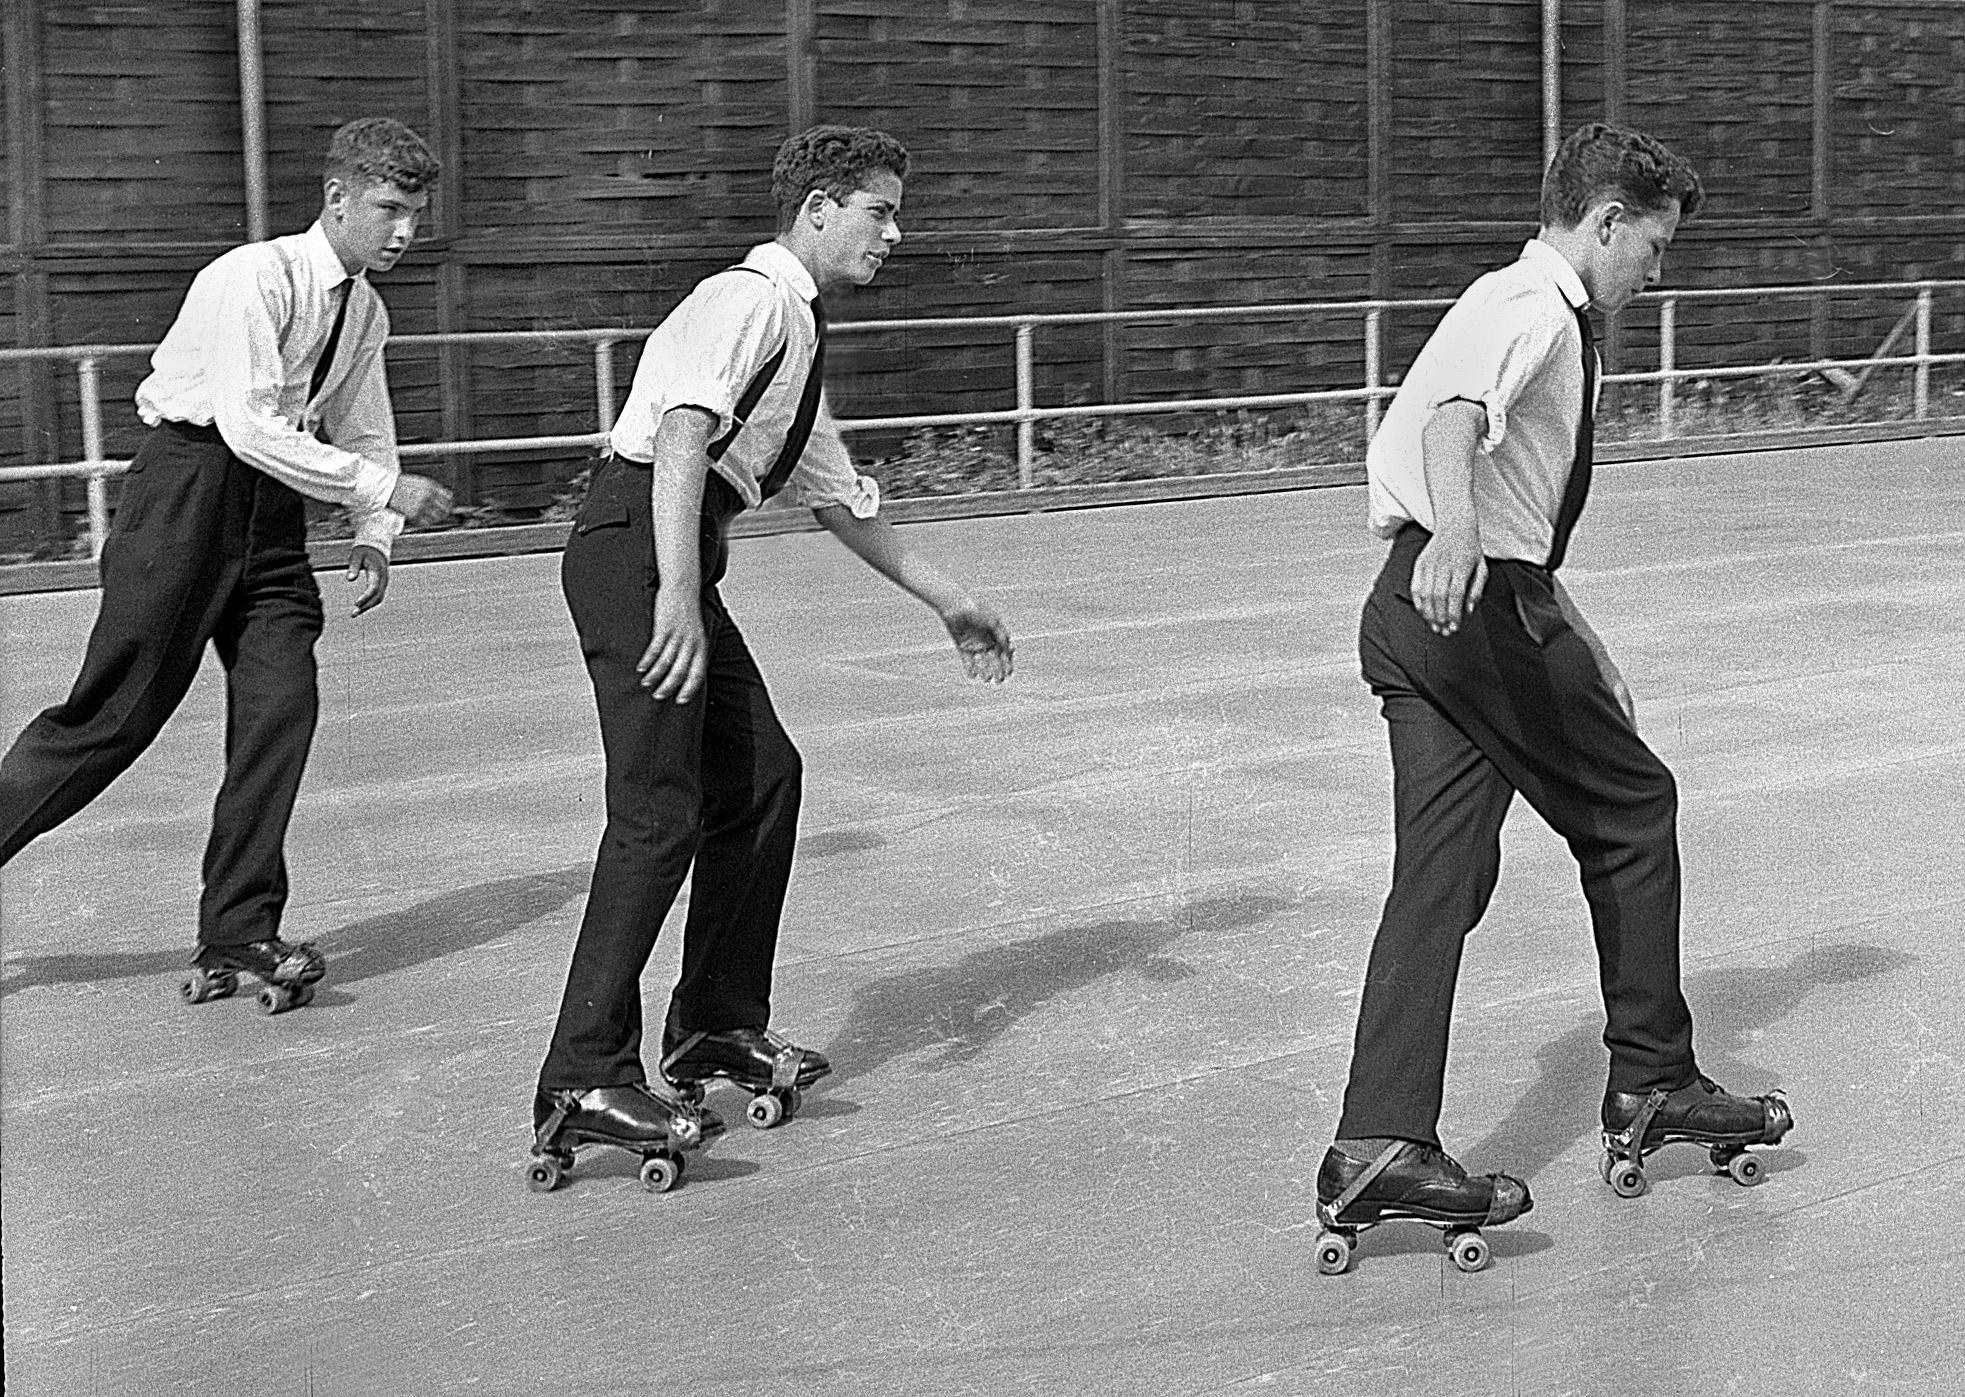 Roller Skates, c. 1960s